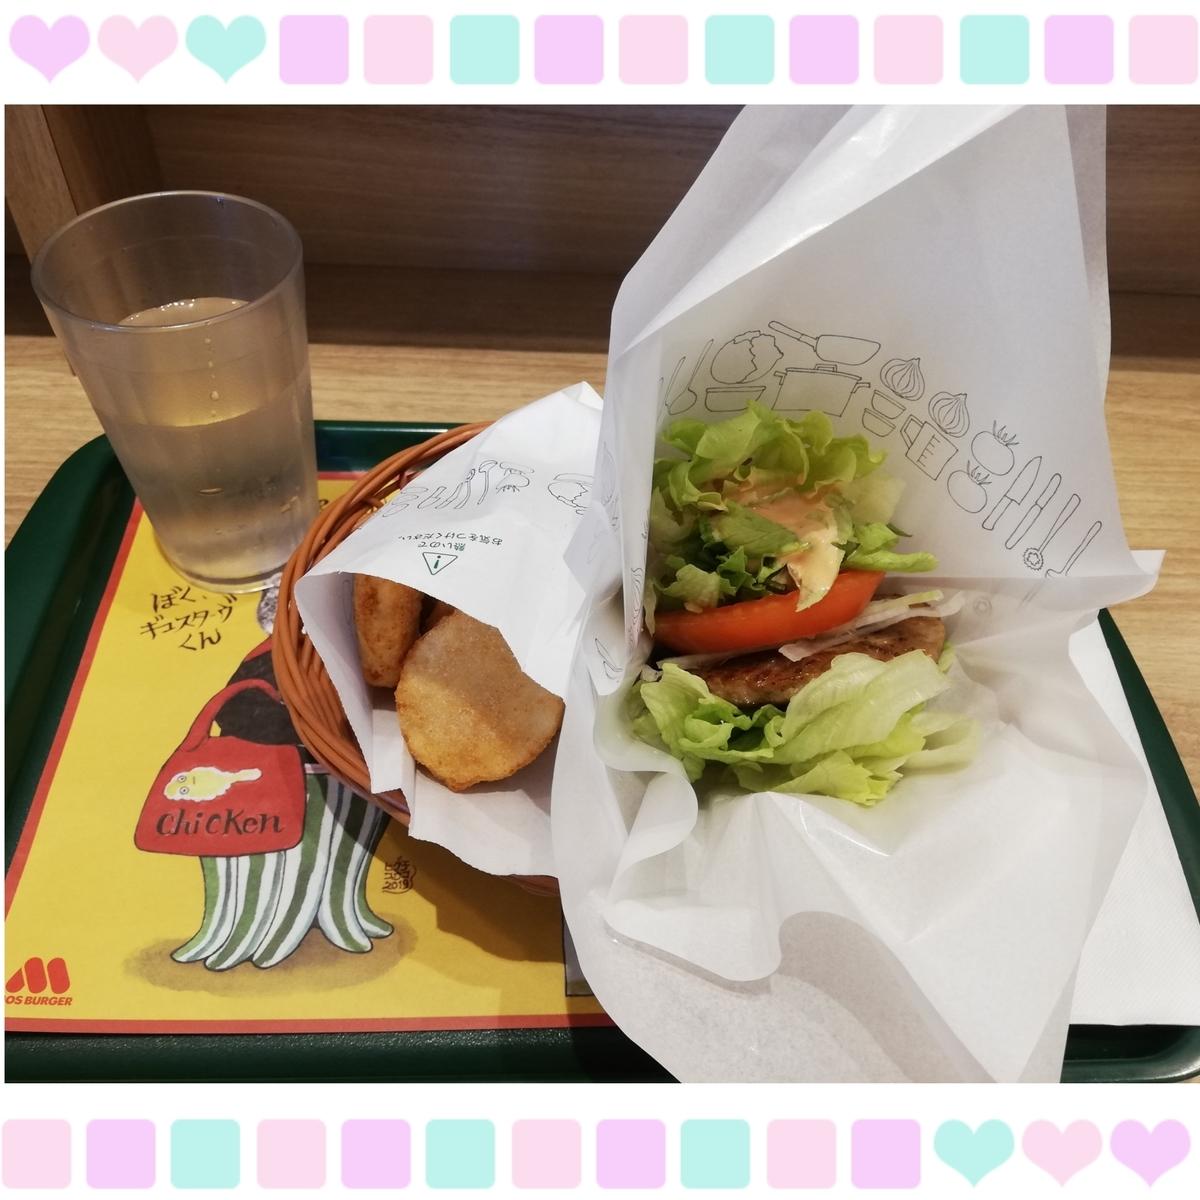 糖質制限ダイエット中のモスバーガー